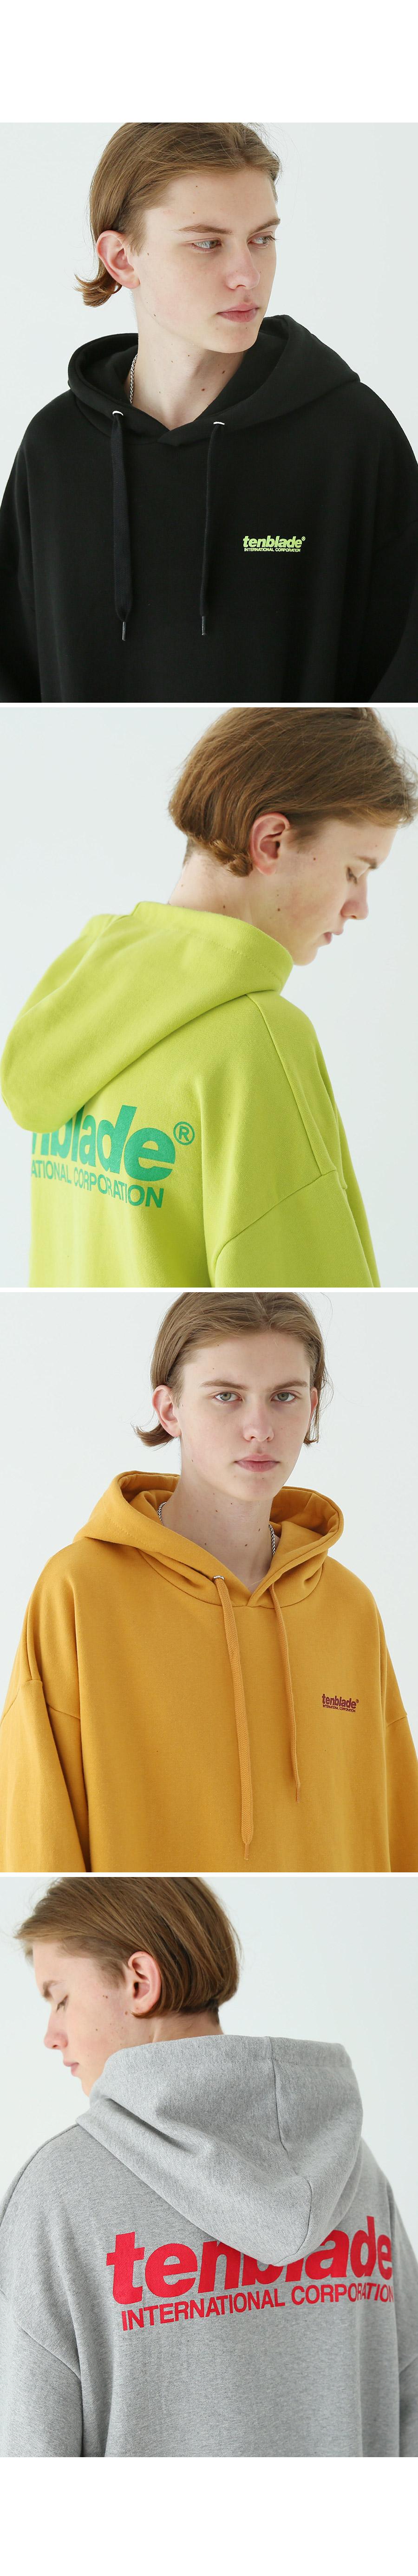 인터내셔널 프린트 후드 티셔츠 머스타드